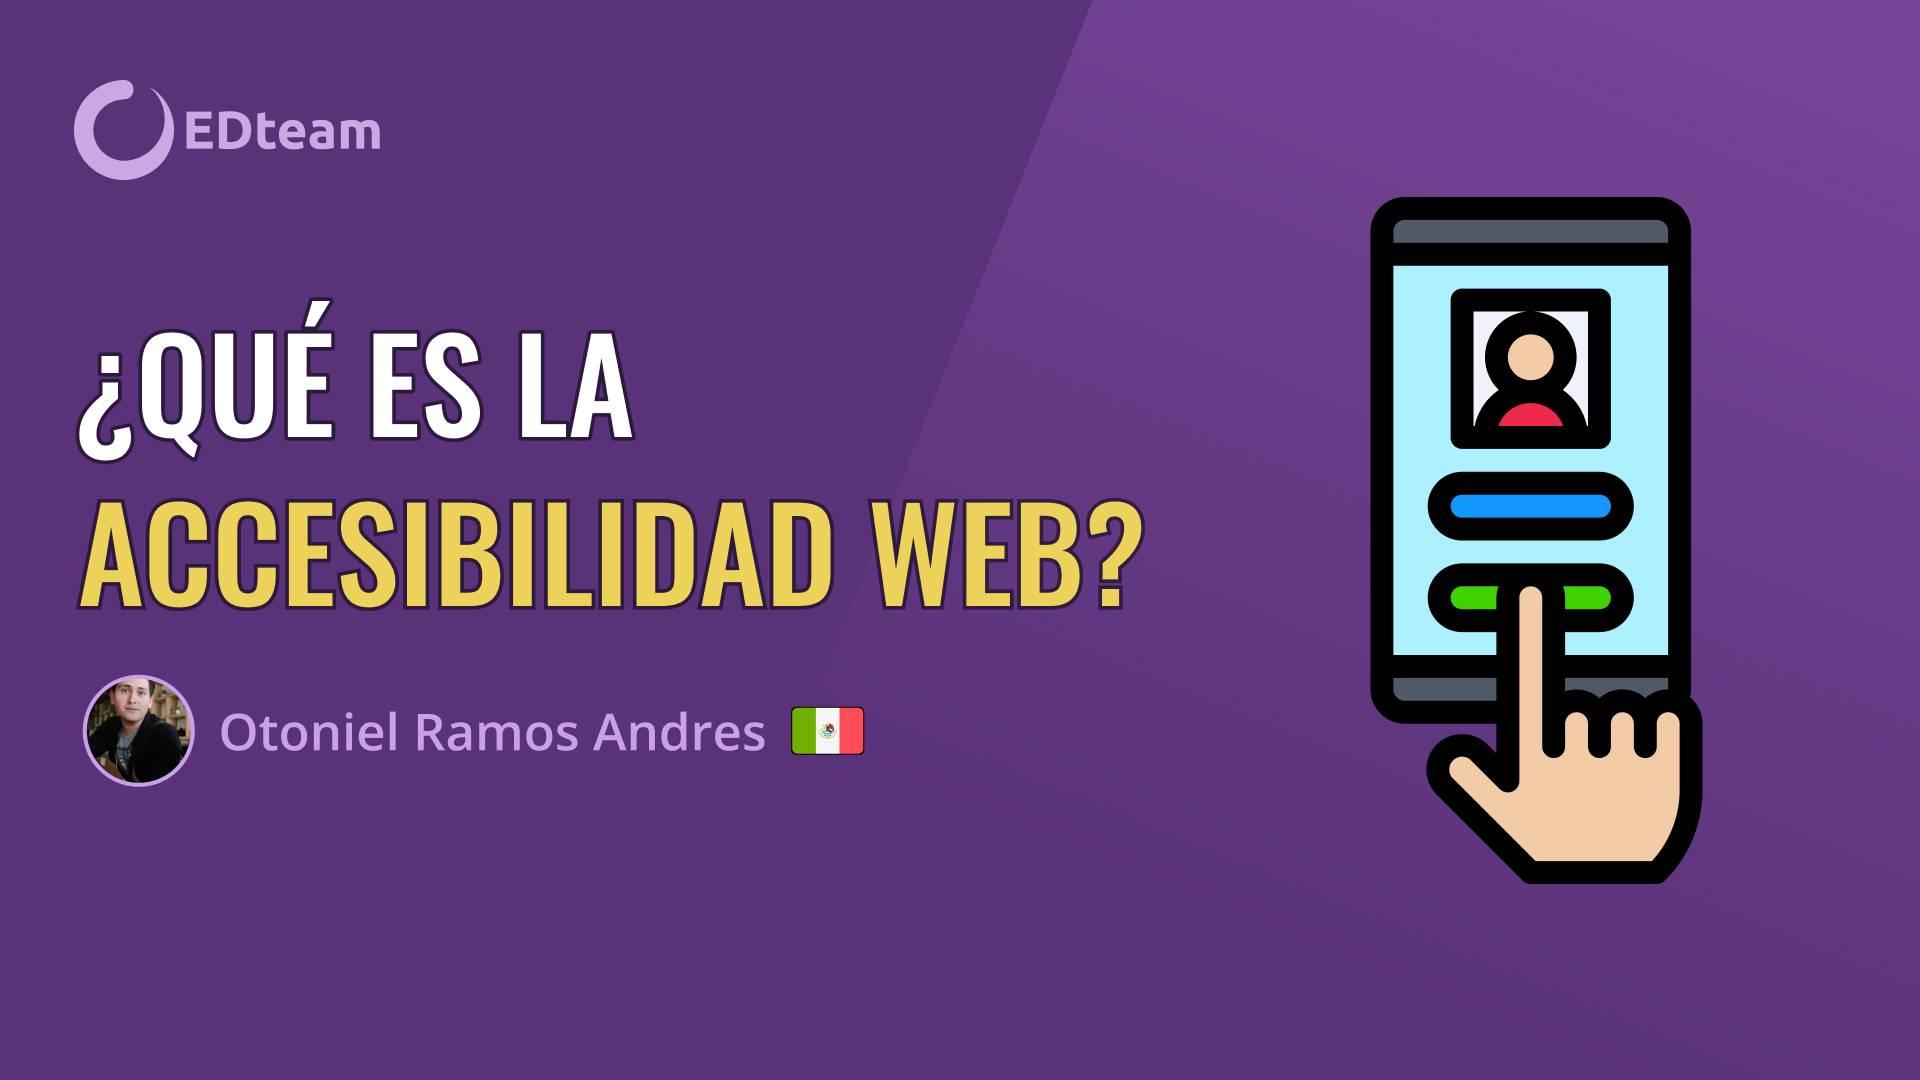 ¿Qué es la accesibilidad web?